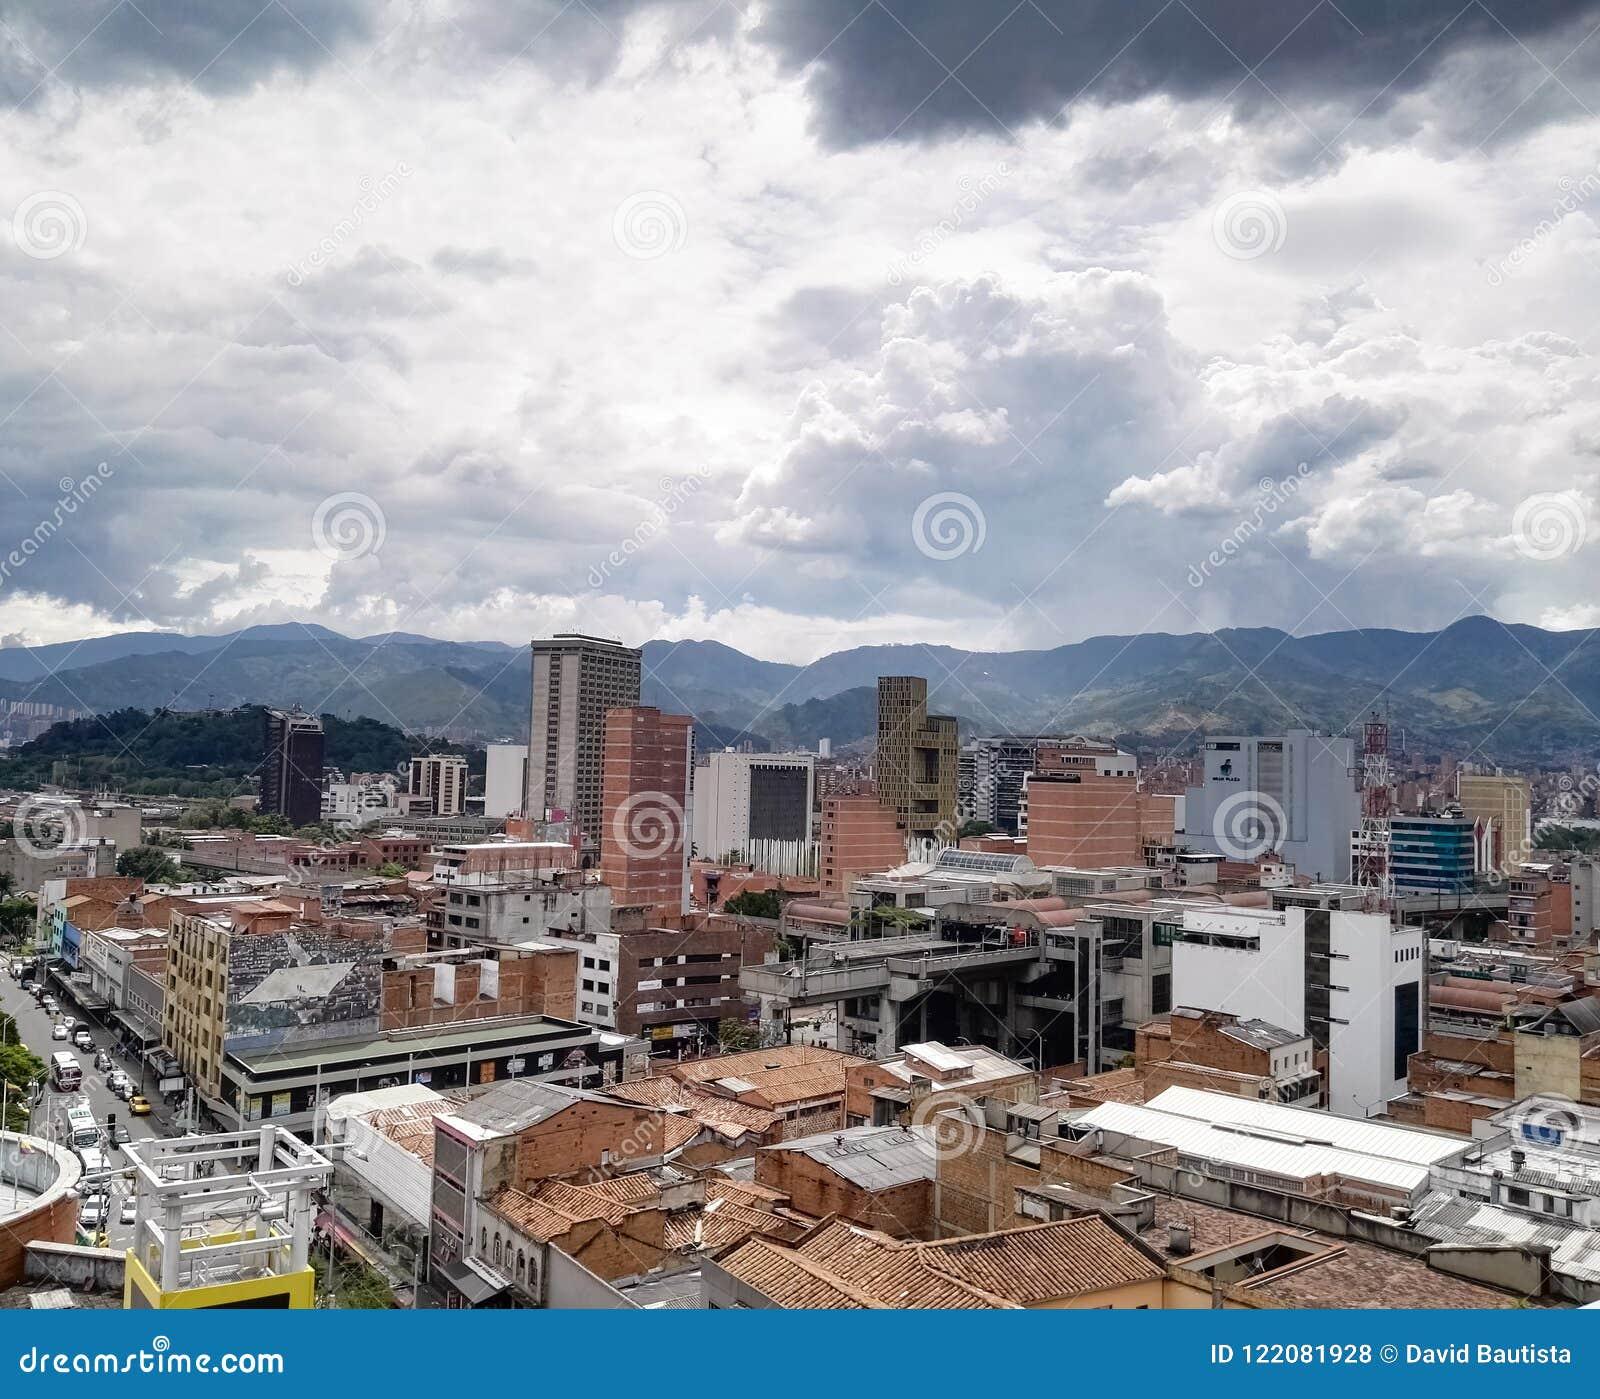 Vista panorâmica de Medellin, Colômbia, na cidade com construções e estação de metro